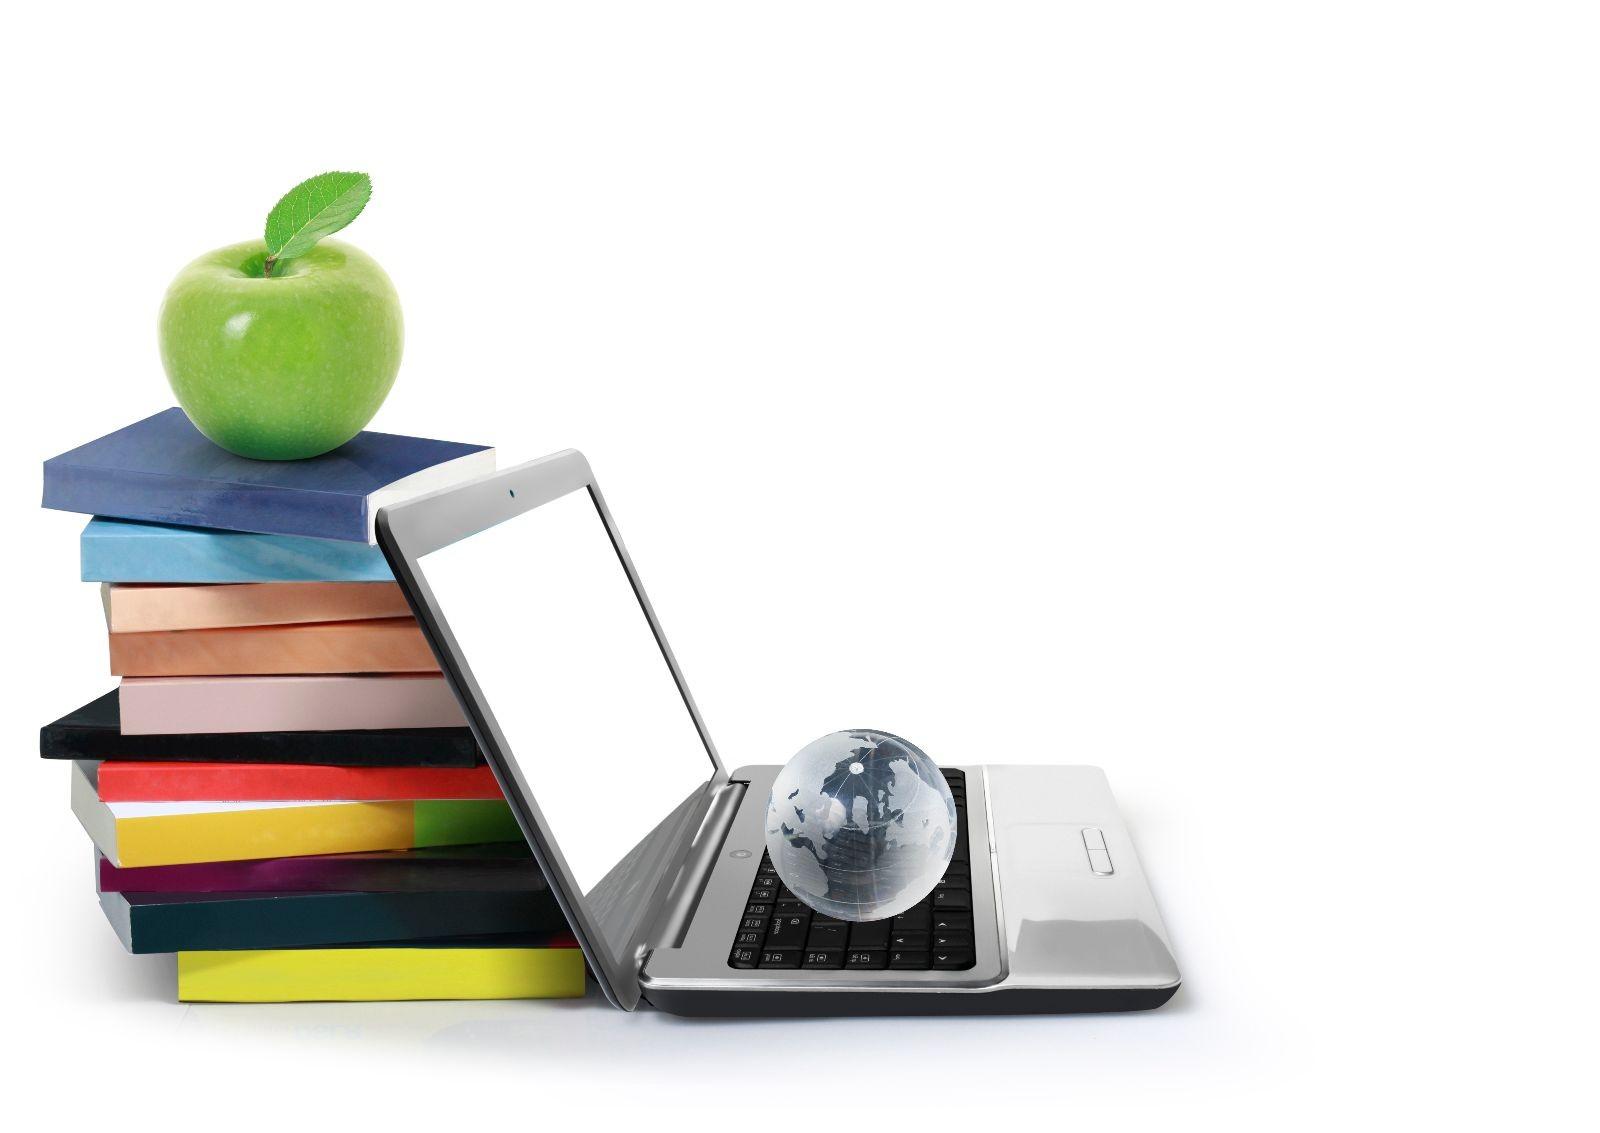 computadora con libros y una manzana